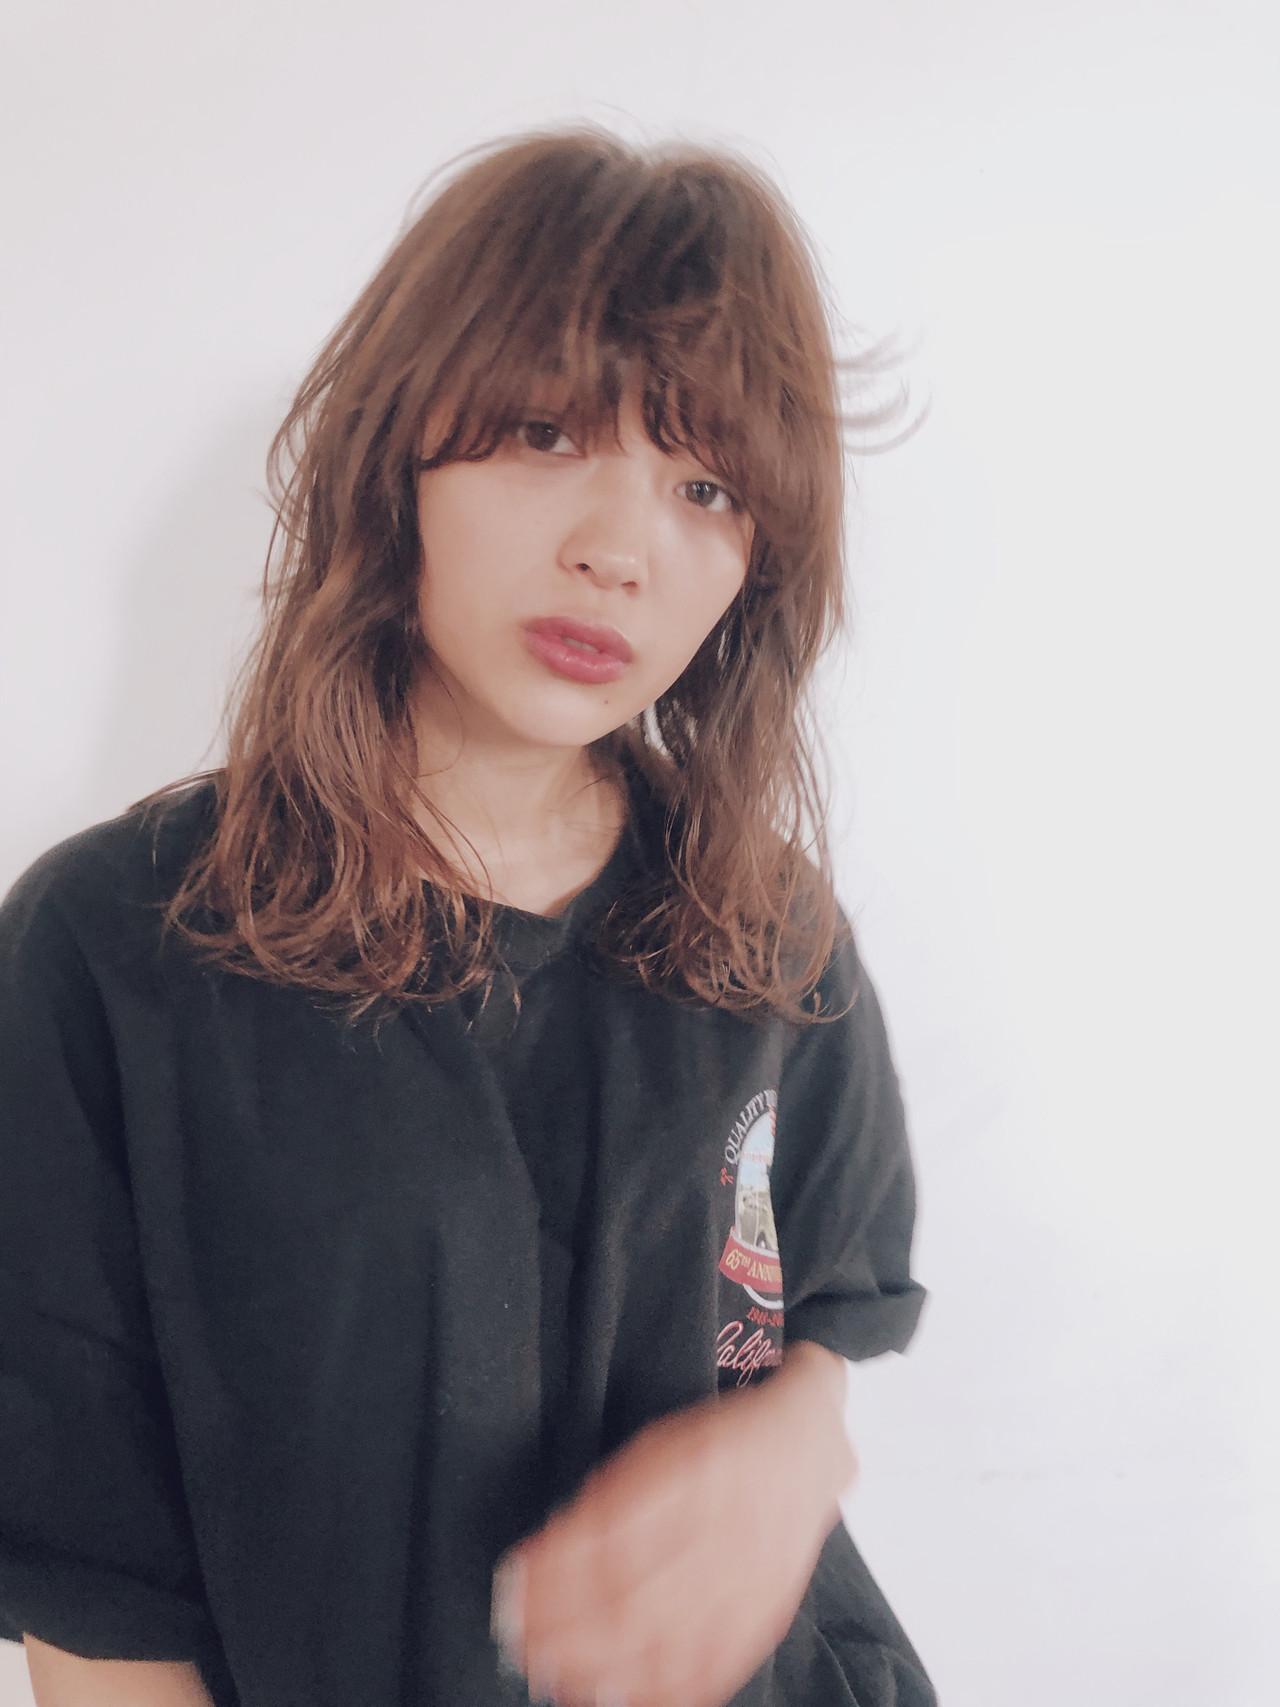 ゆるふわパーマ ベージュ ストリート シアーベージュヘアスタイルや髪型の写真・画像